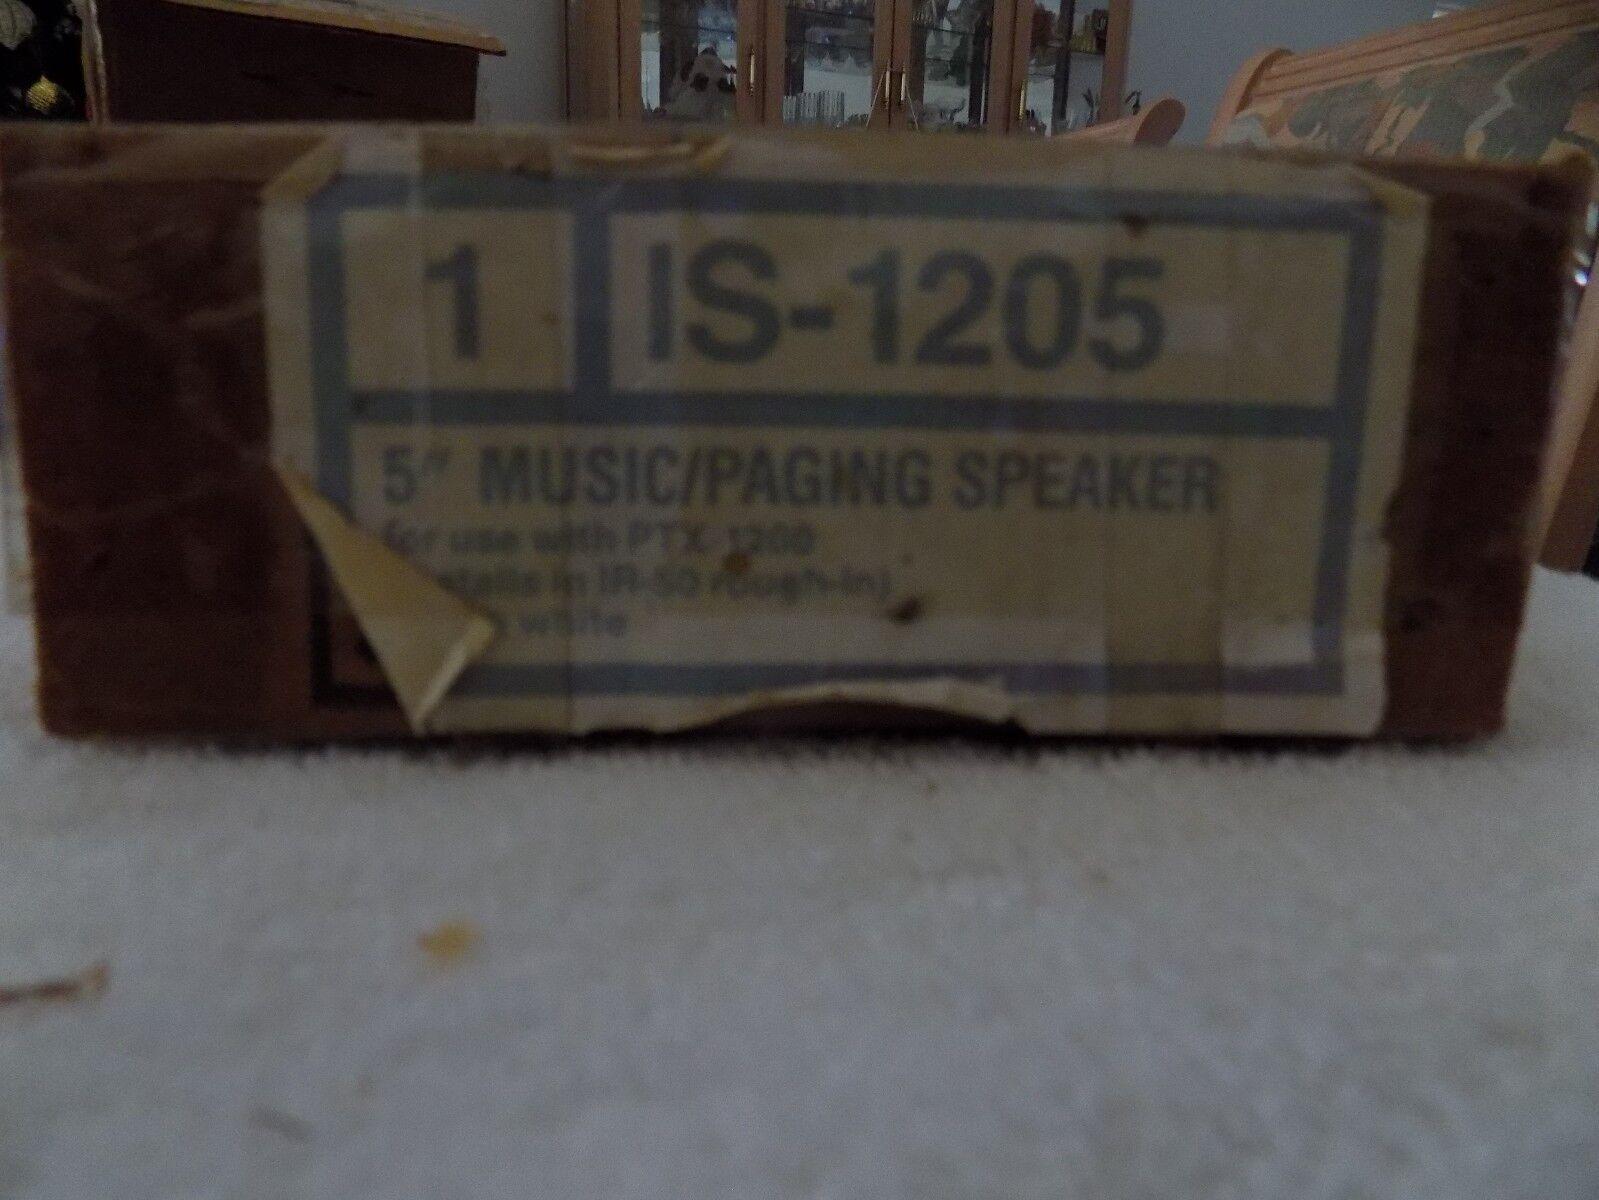 NUTONE IS-1205 MUSIC/PAGING SPEAKER